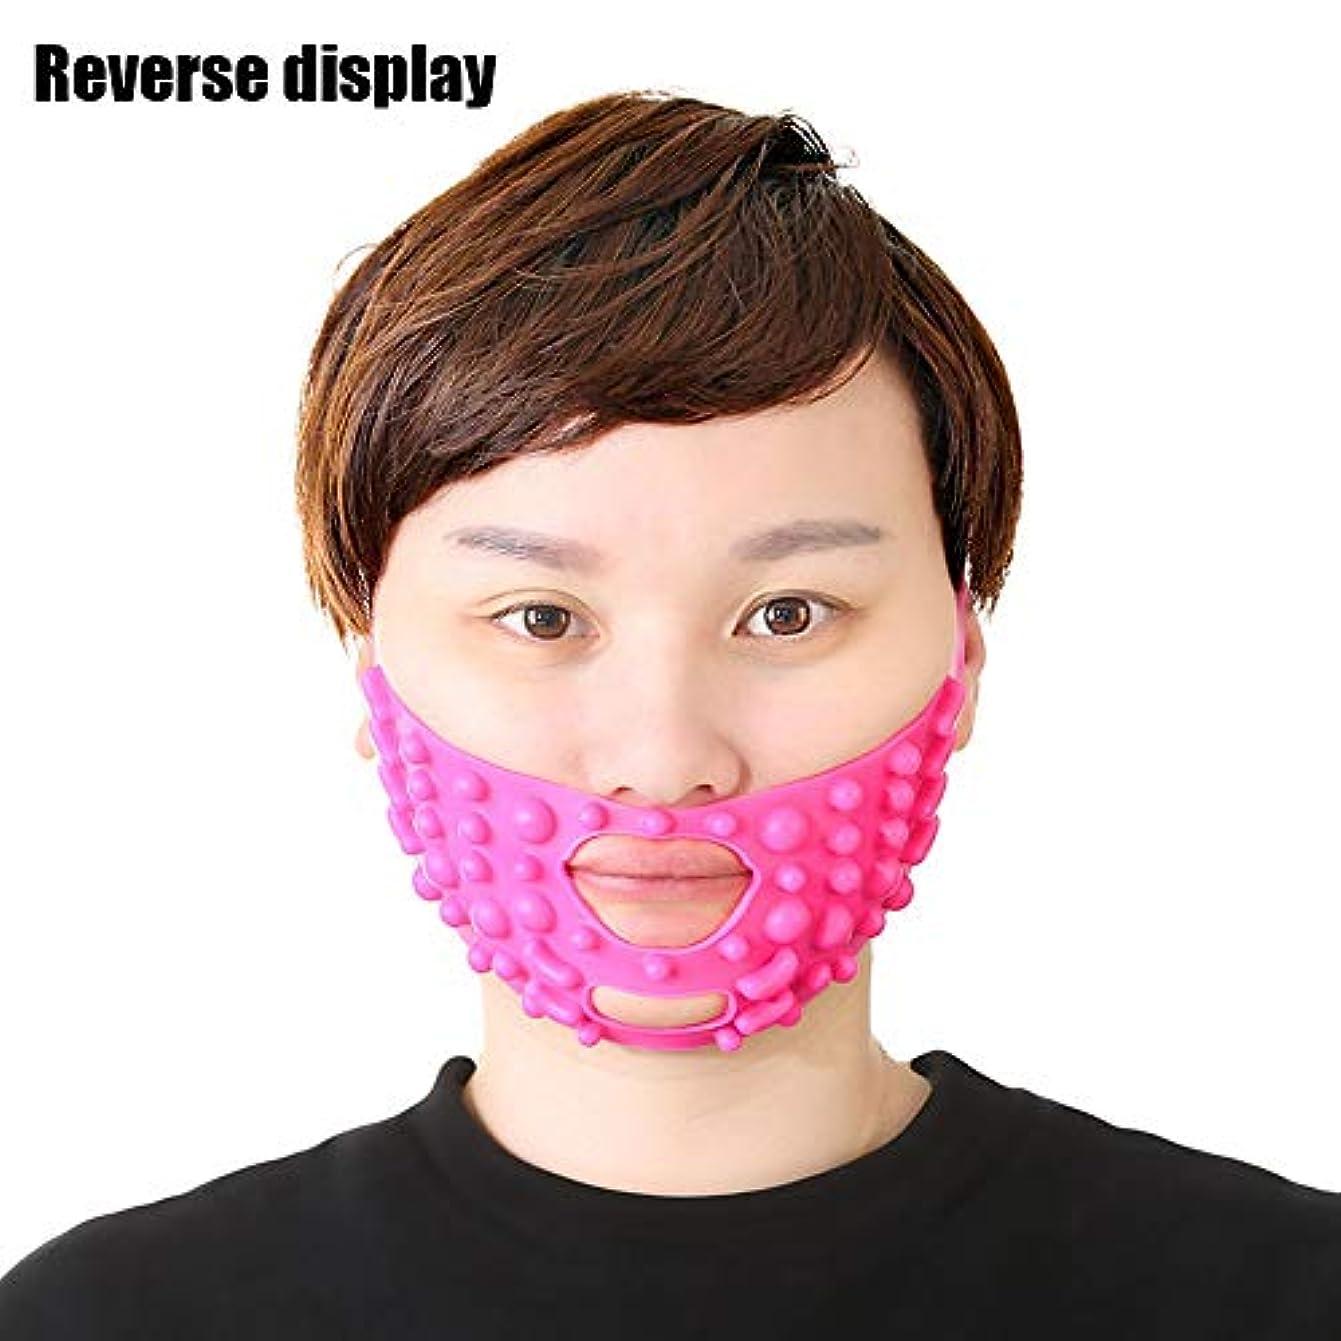 はしご誰の彼女フェイシャルマッサージ包帯、持ち上げ、引き締め、法則パターンを改善して小さなVフェイス/二重あごマスクを作成(ローズレッド)